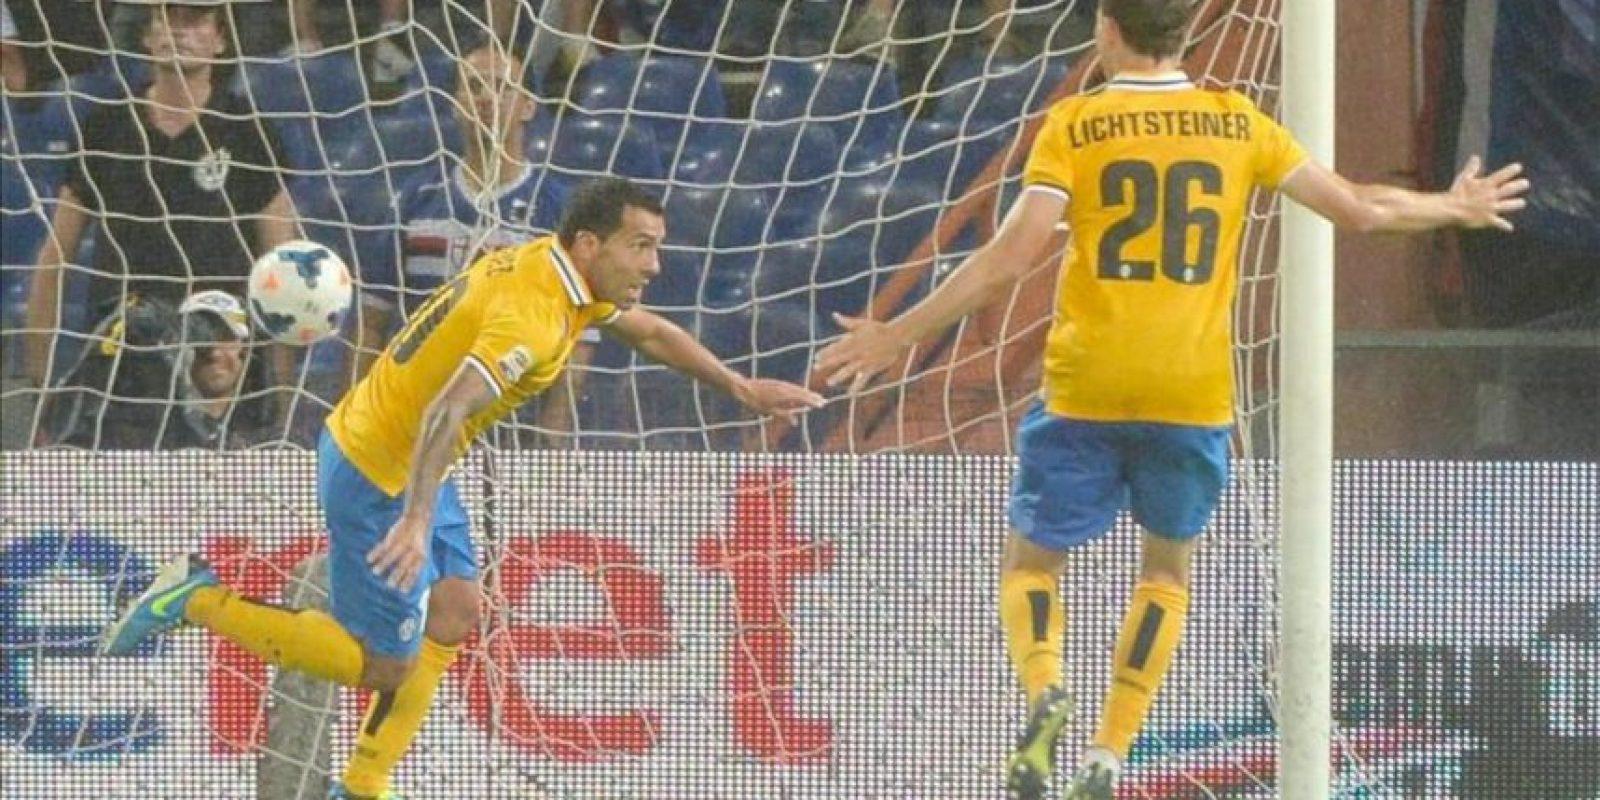 El delantero argentino del Juventus Carlos Tevez (i), celebra junto a su compañero Stephan Lichtsteiner en el primer partido de Liga de la Serie A italiana que ha medido al UC Sampdoria con el Juventus FC jugado en el Luigi Ferraris de Genoa, Italia. EFE